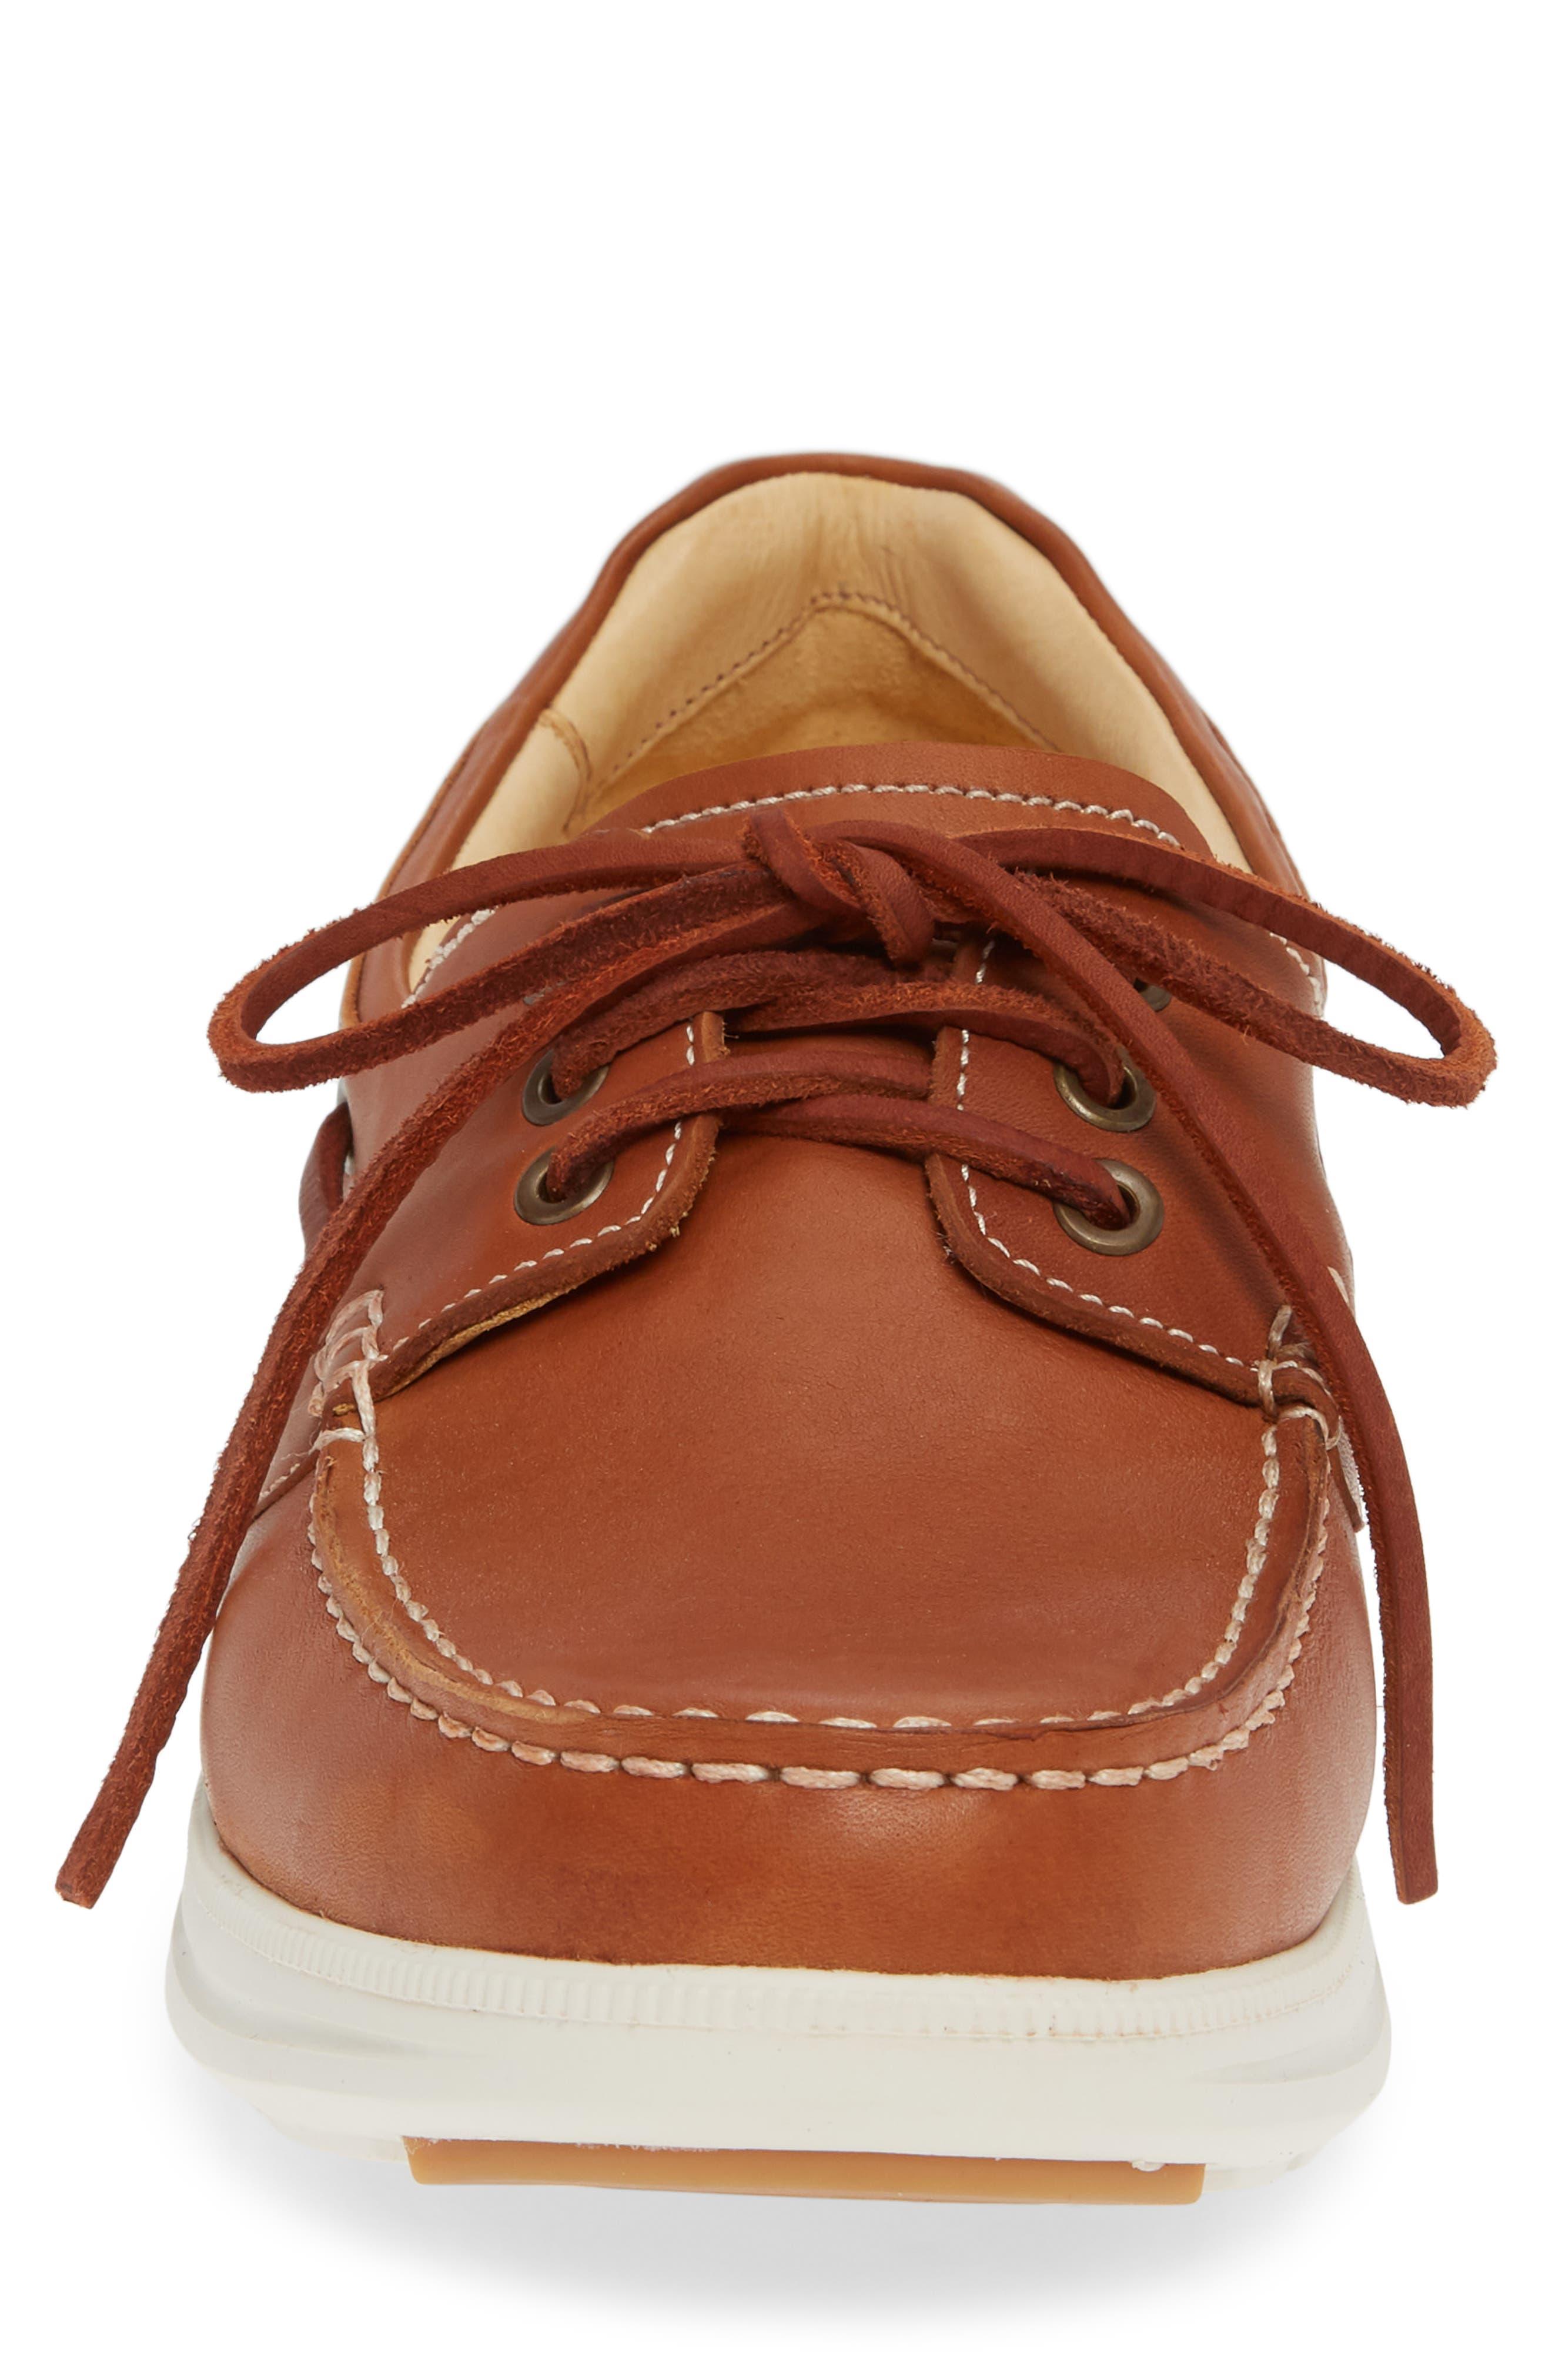 New Endeavor Moc Toe Boat Shoe,                             Alternate thumbnail 4, color,                             TAN WAXED NUBUCK